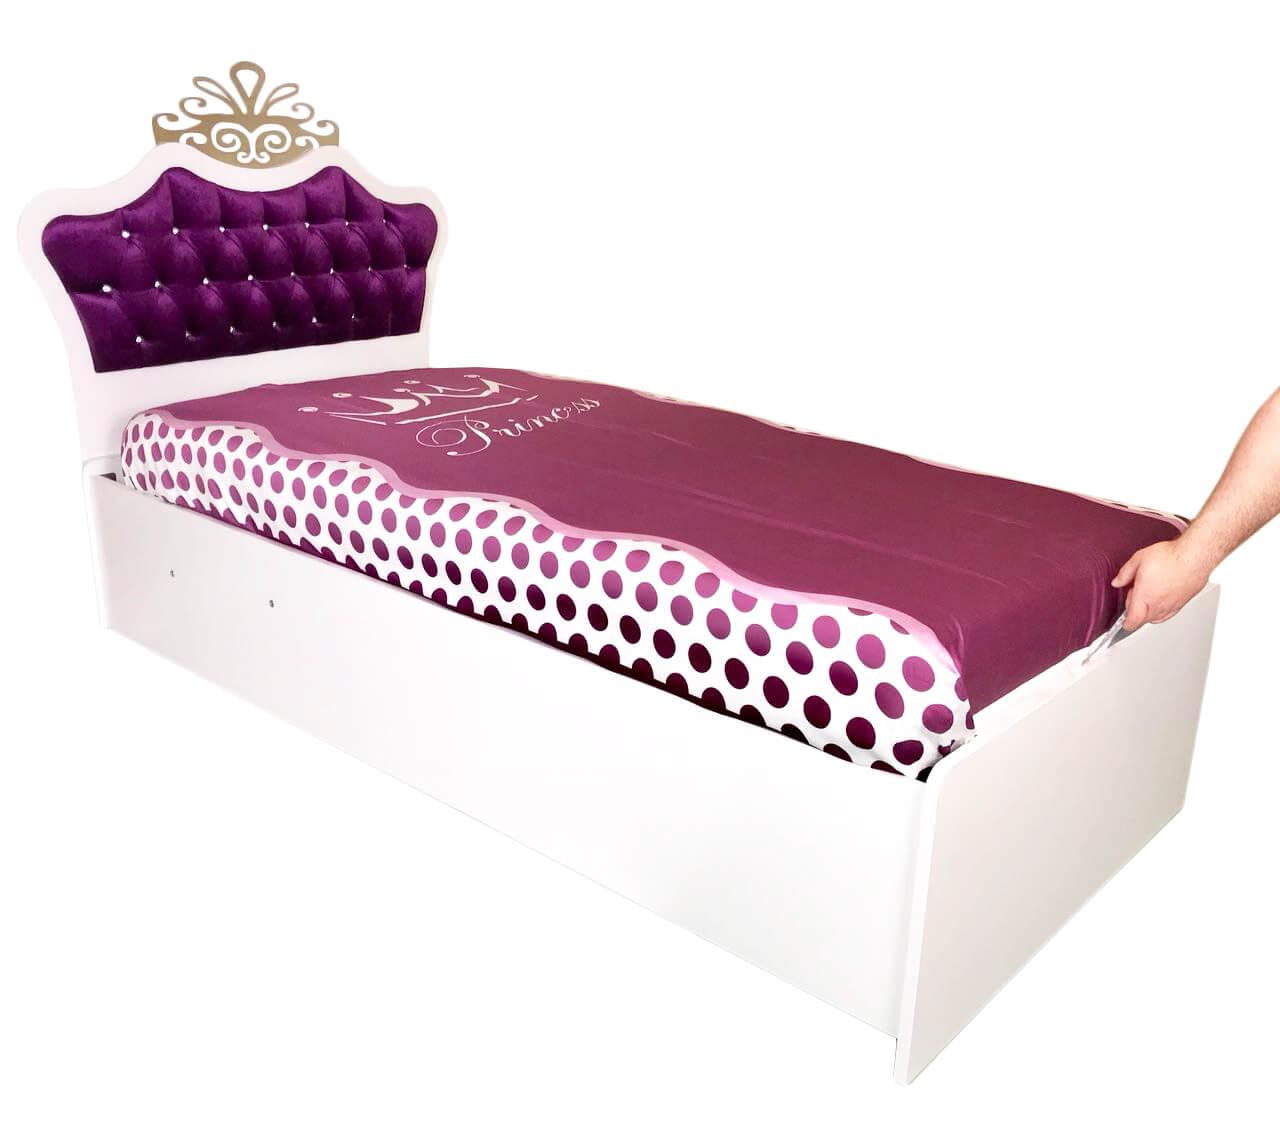 Full Size of Stauraumbett 120x200 Bett Weiß Mit Matratze Und Lattenrost Betten Bettkasten Wohnzimmer Stauraumbett 120x200